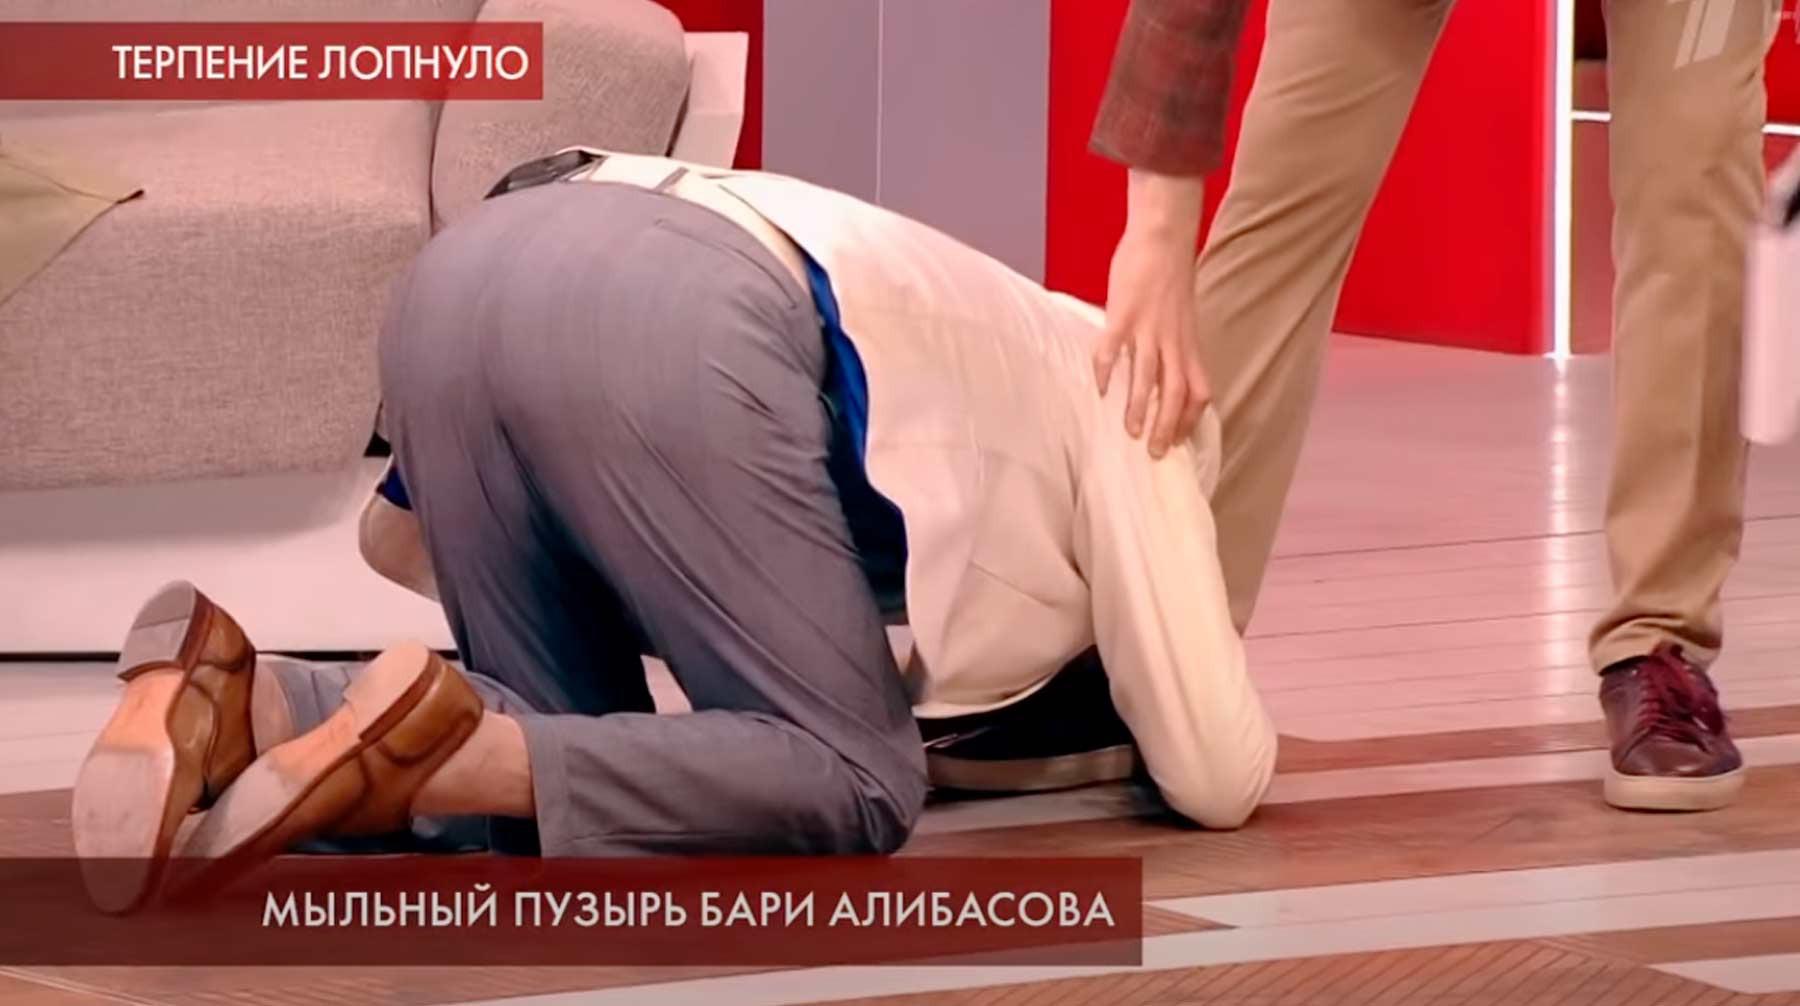 """Скриншот: с Видео Пусть говорят """"Мыльный пузырь Бари Алибасова"""""""